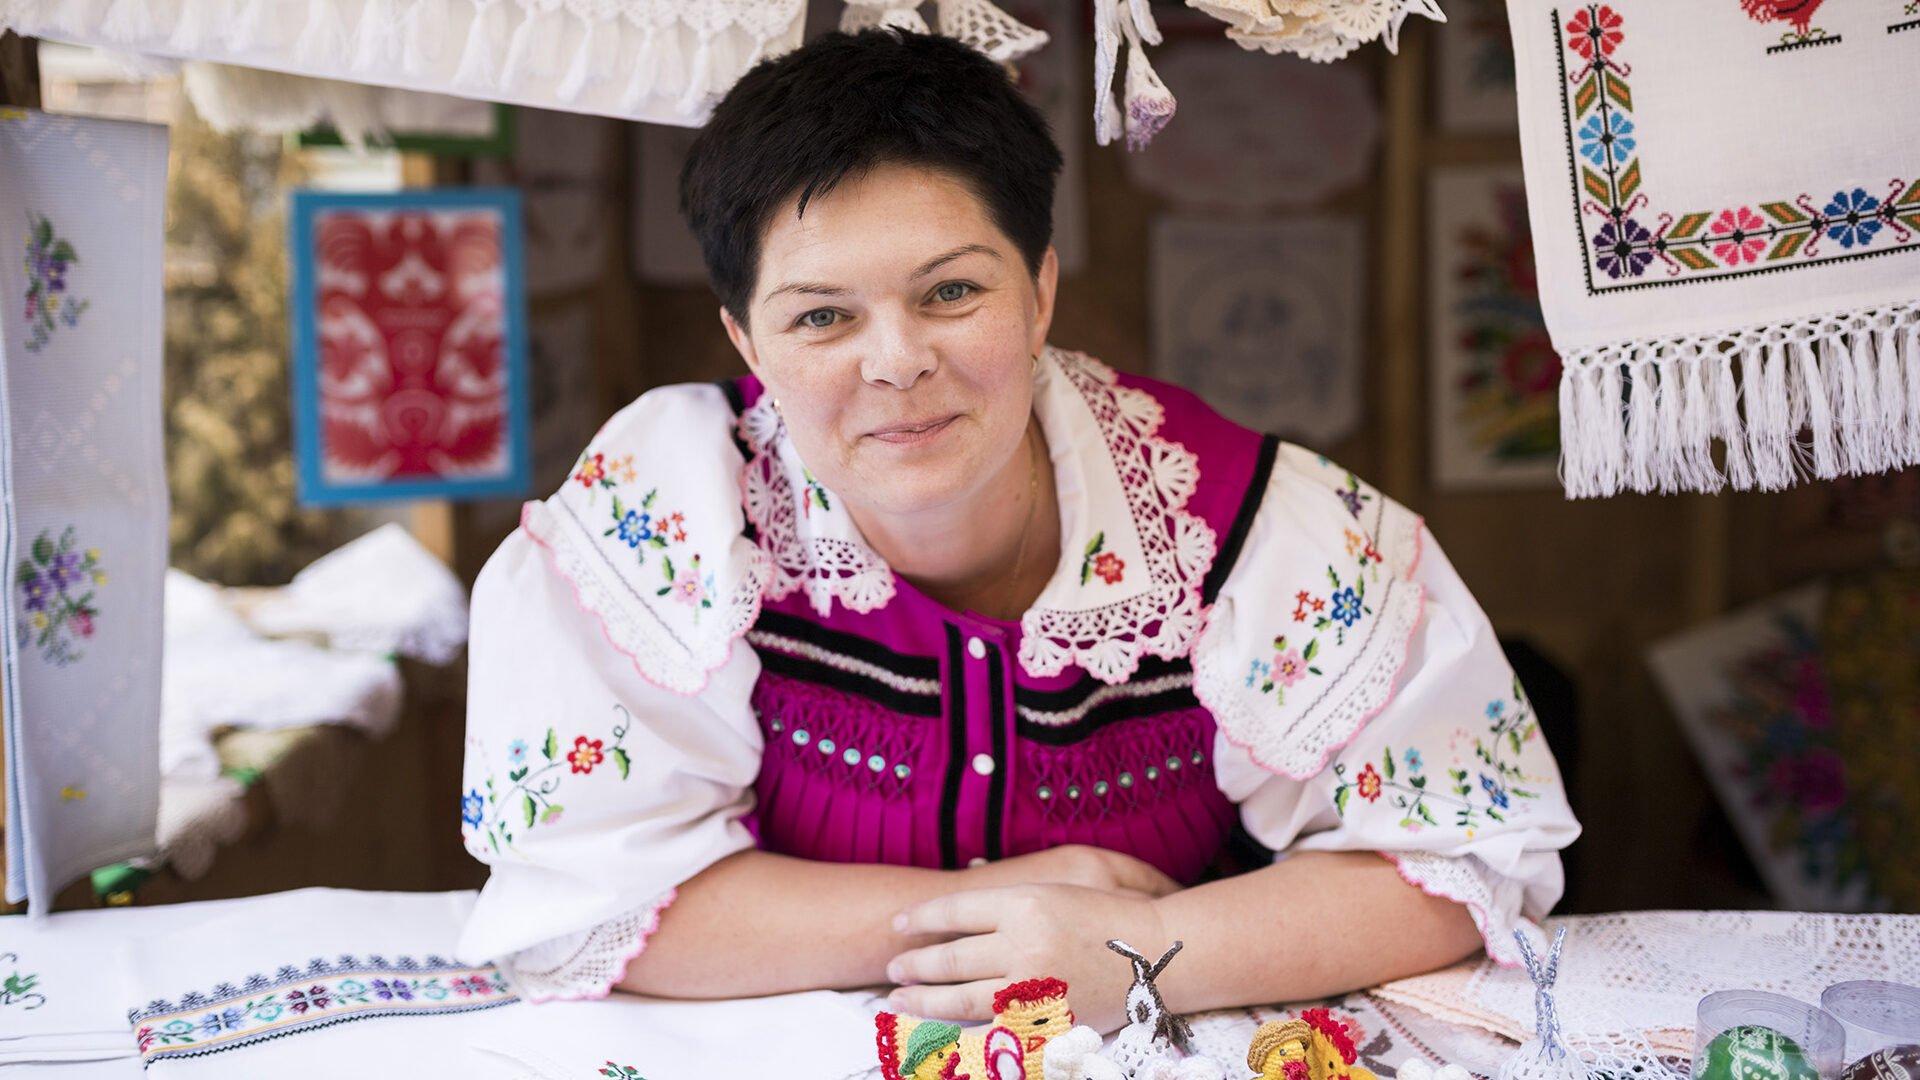 Zdjęcie ilustracyjne. Twórczyni ludowa na swoim straganie podczas Jarmarku Jagiellońskiego.